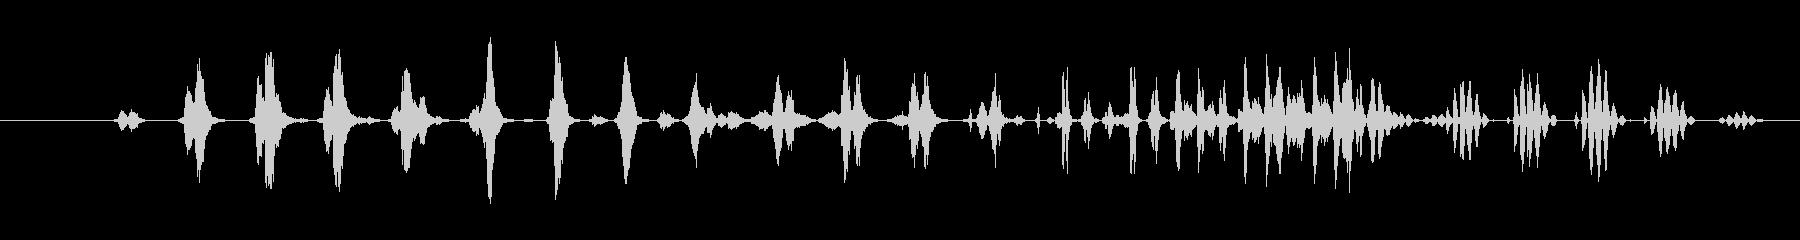 特撮 デジタルラトル02の未再生の波形